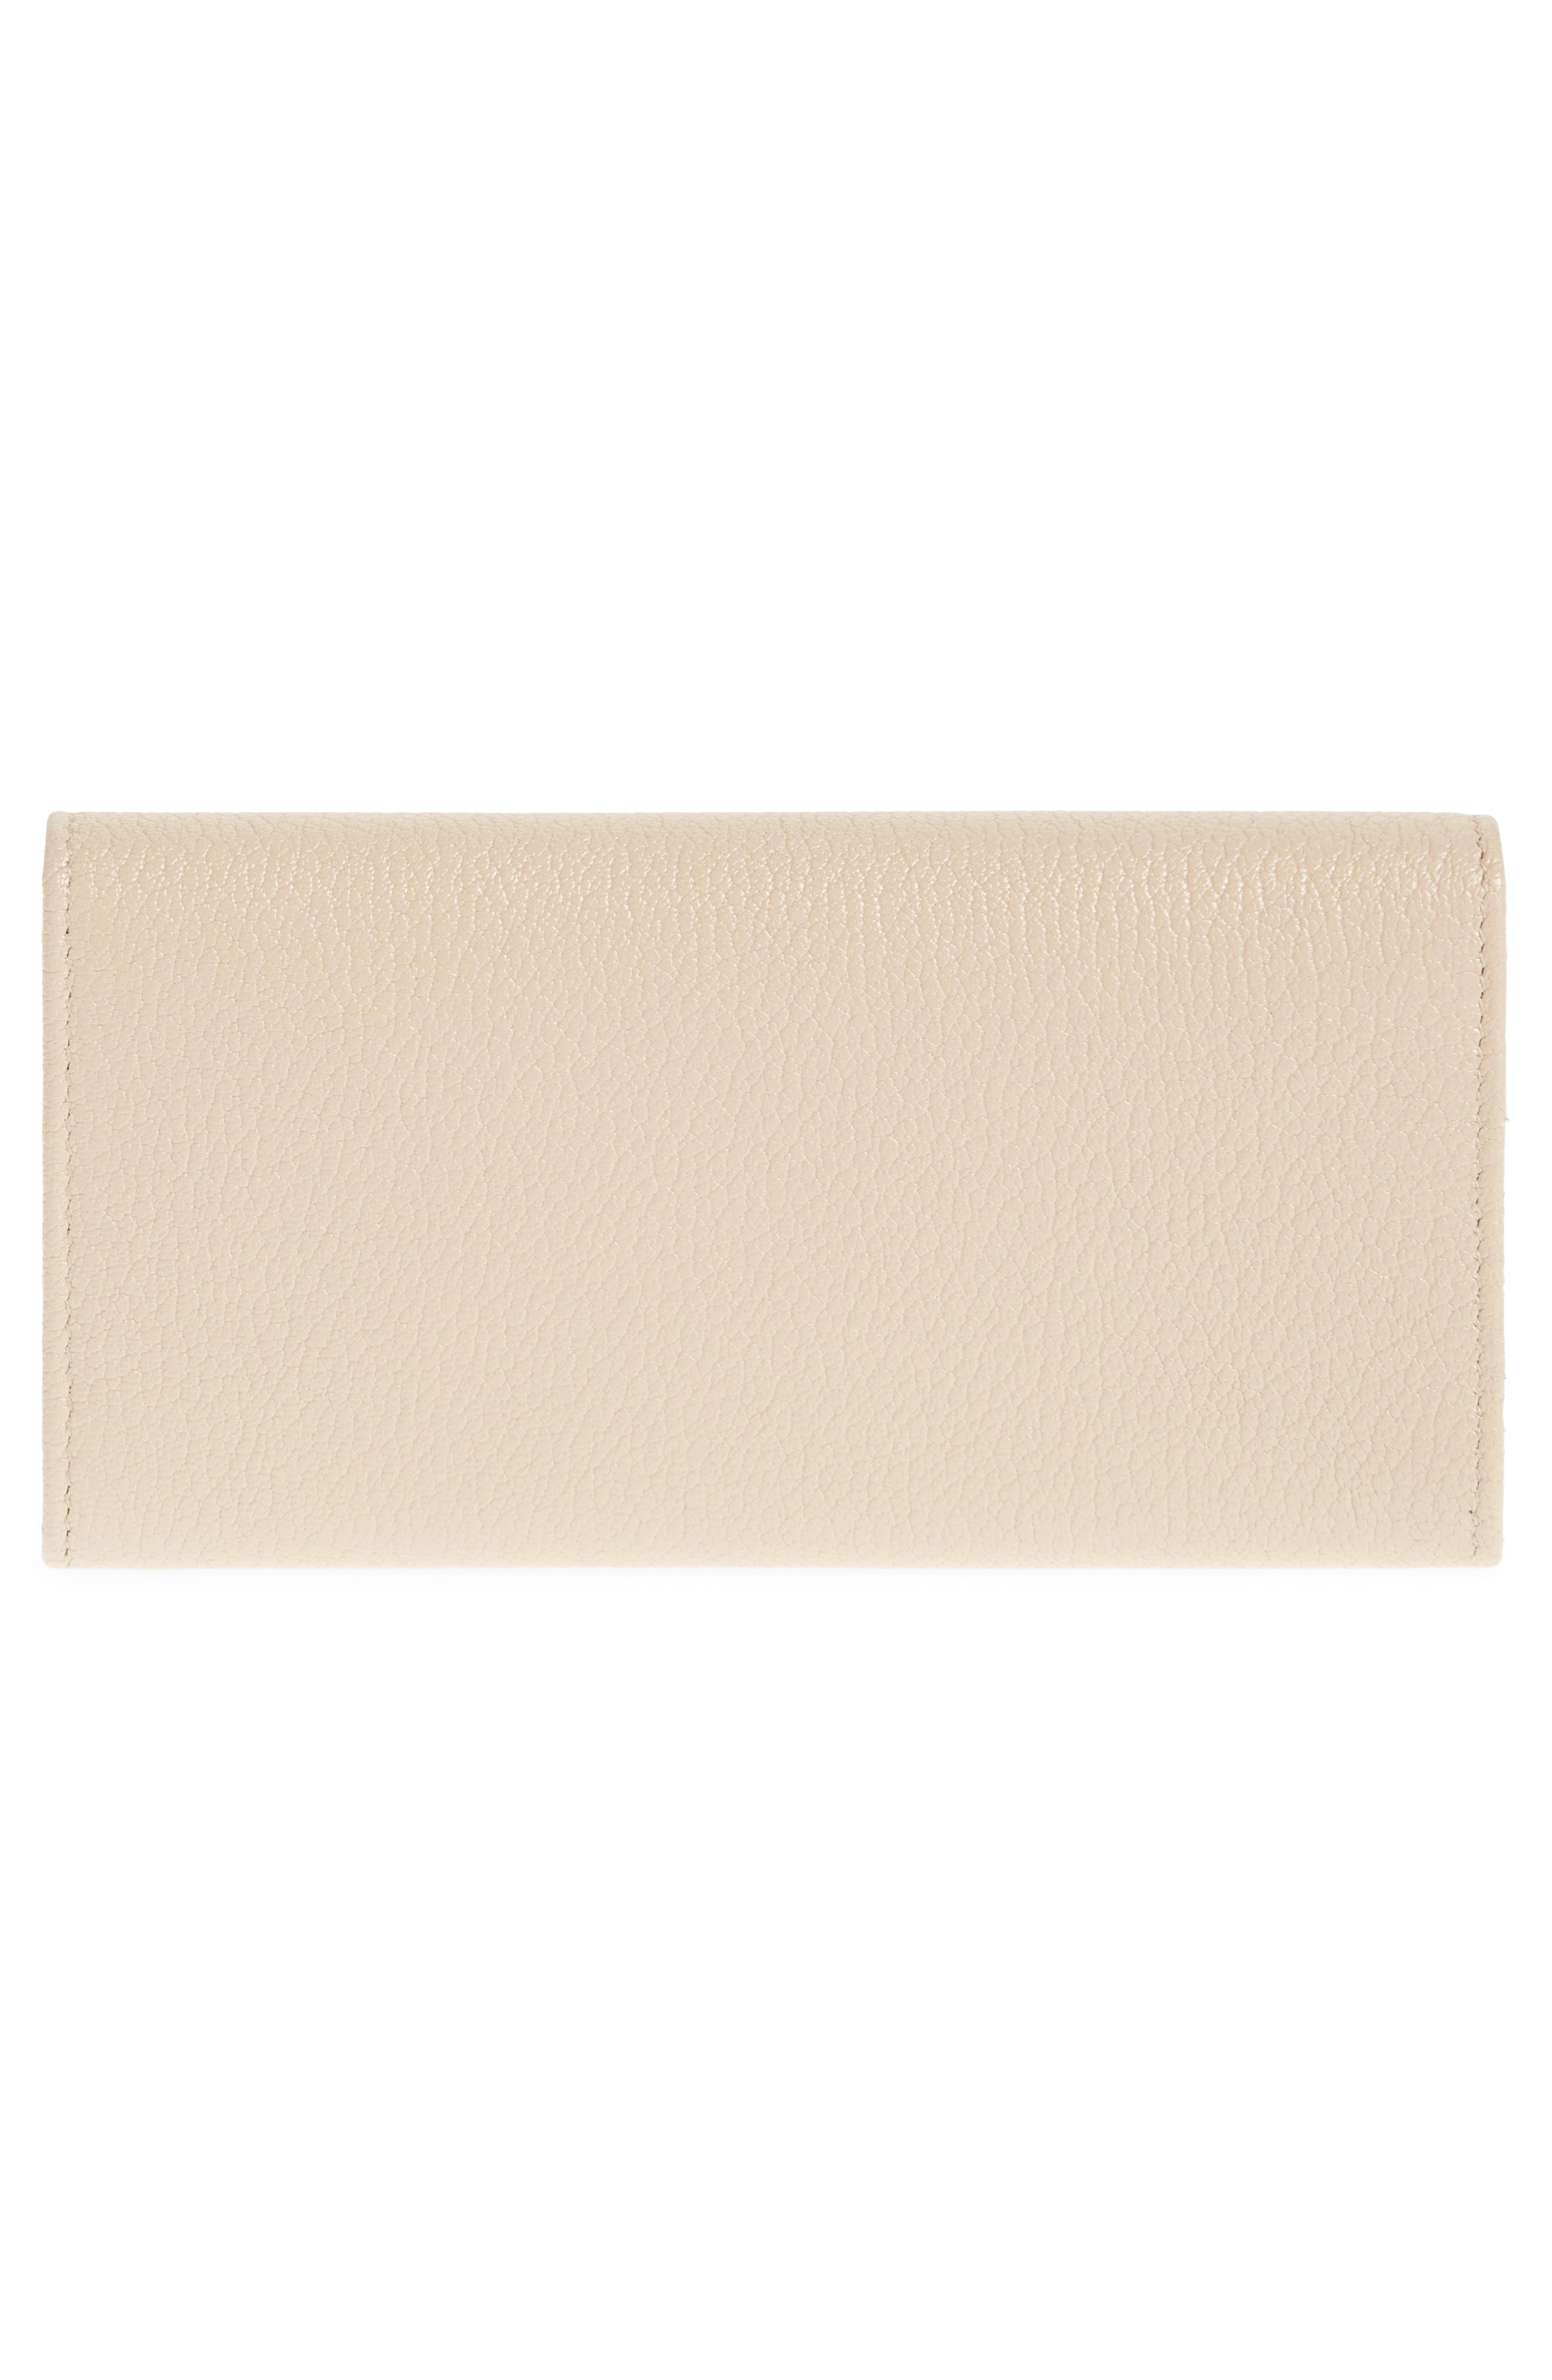 Alternate Image 4  - Balenciaga Metallic Edge Money Leather Wallet